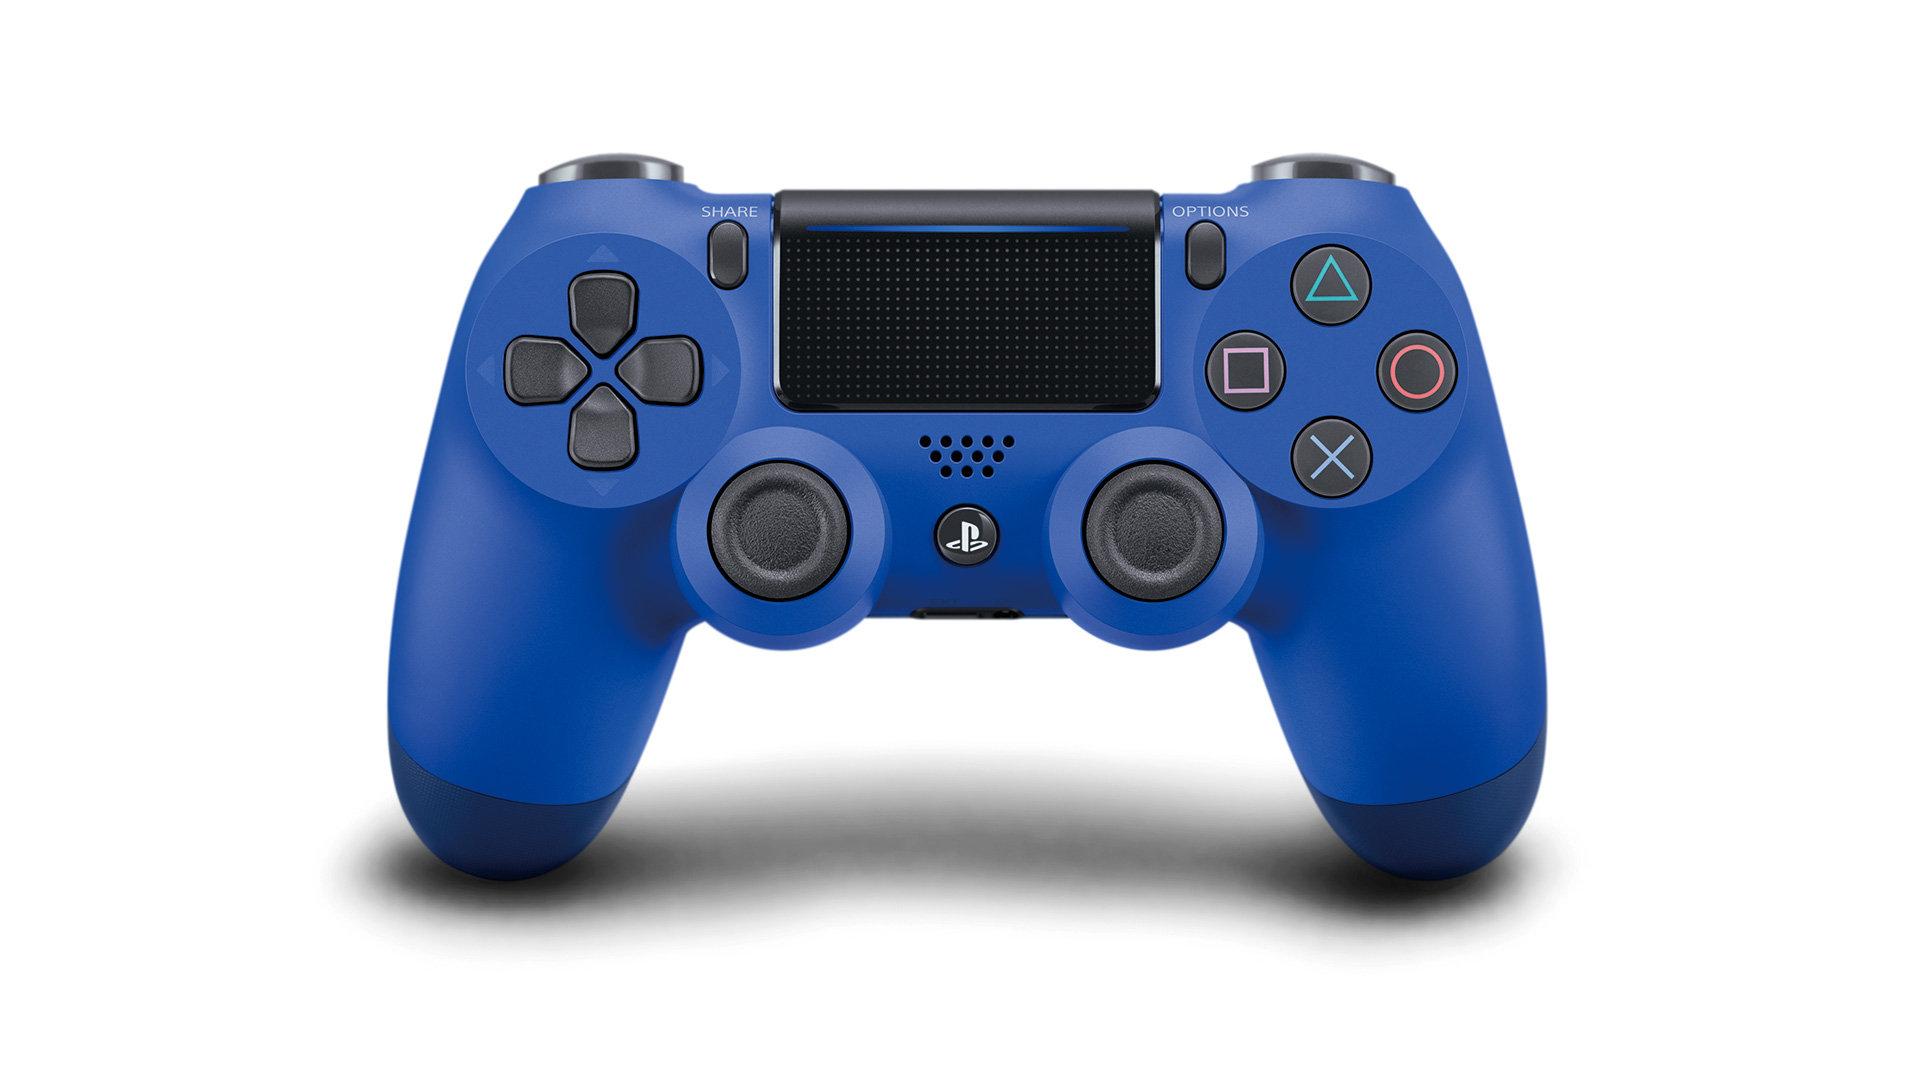 PS4 - DualShock 4 Controller Blue v2